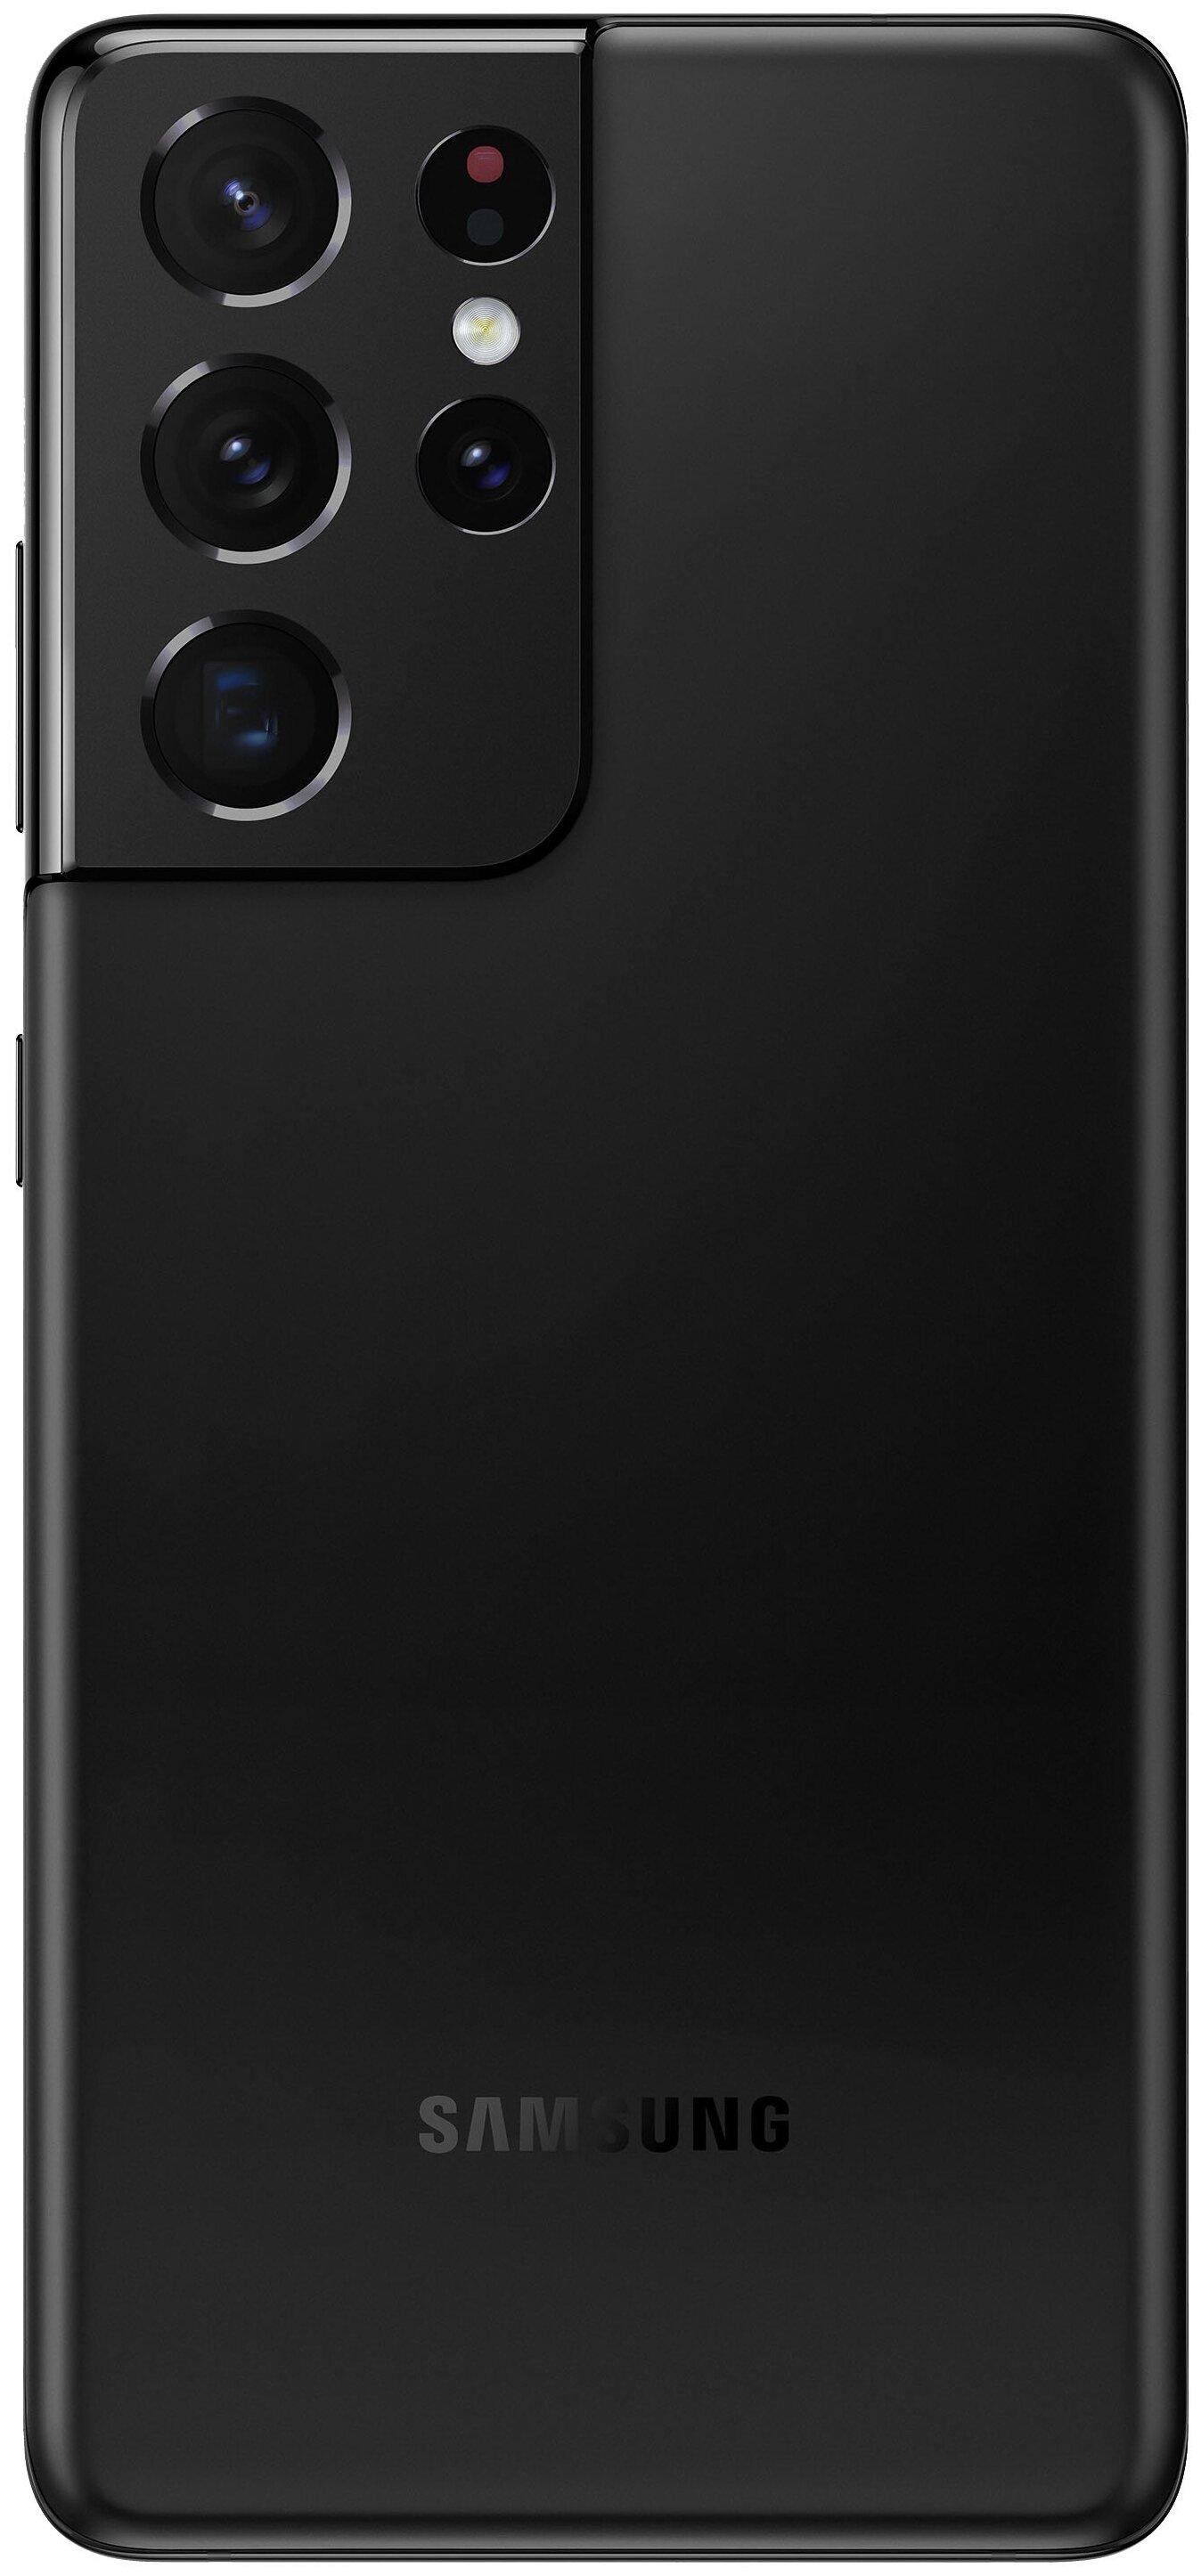 Samsung Galaxy S21 Ultra 5G 16/512GB - память: 512ГБ